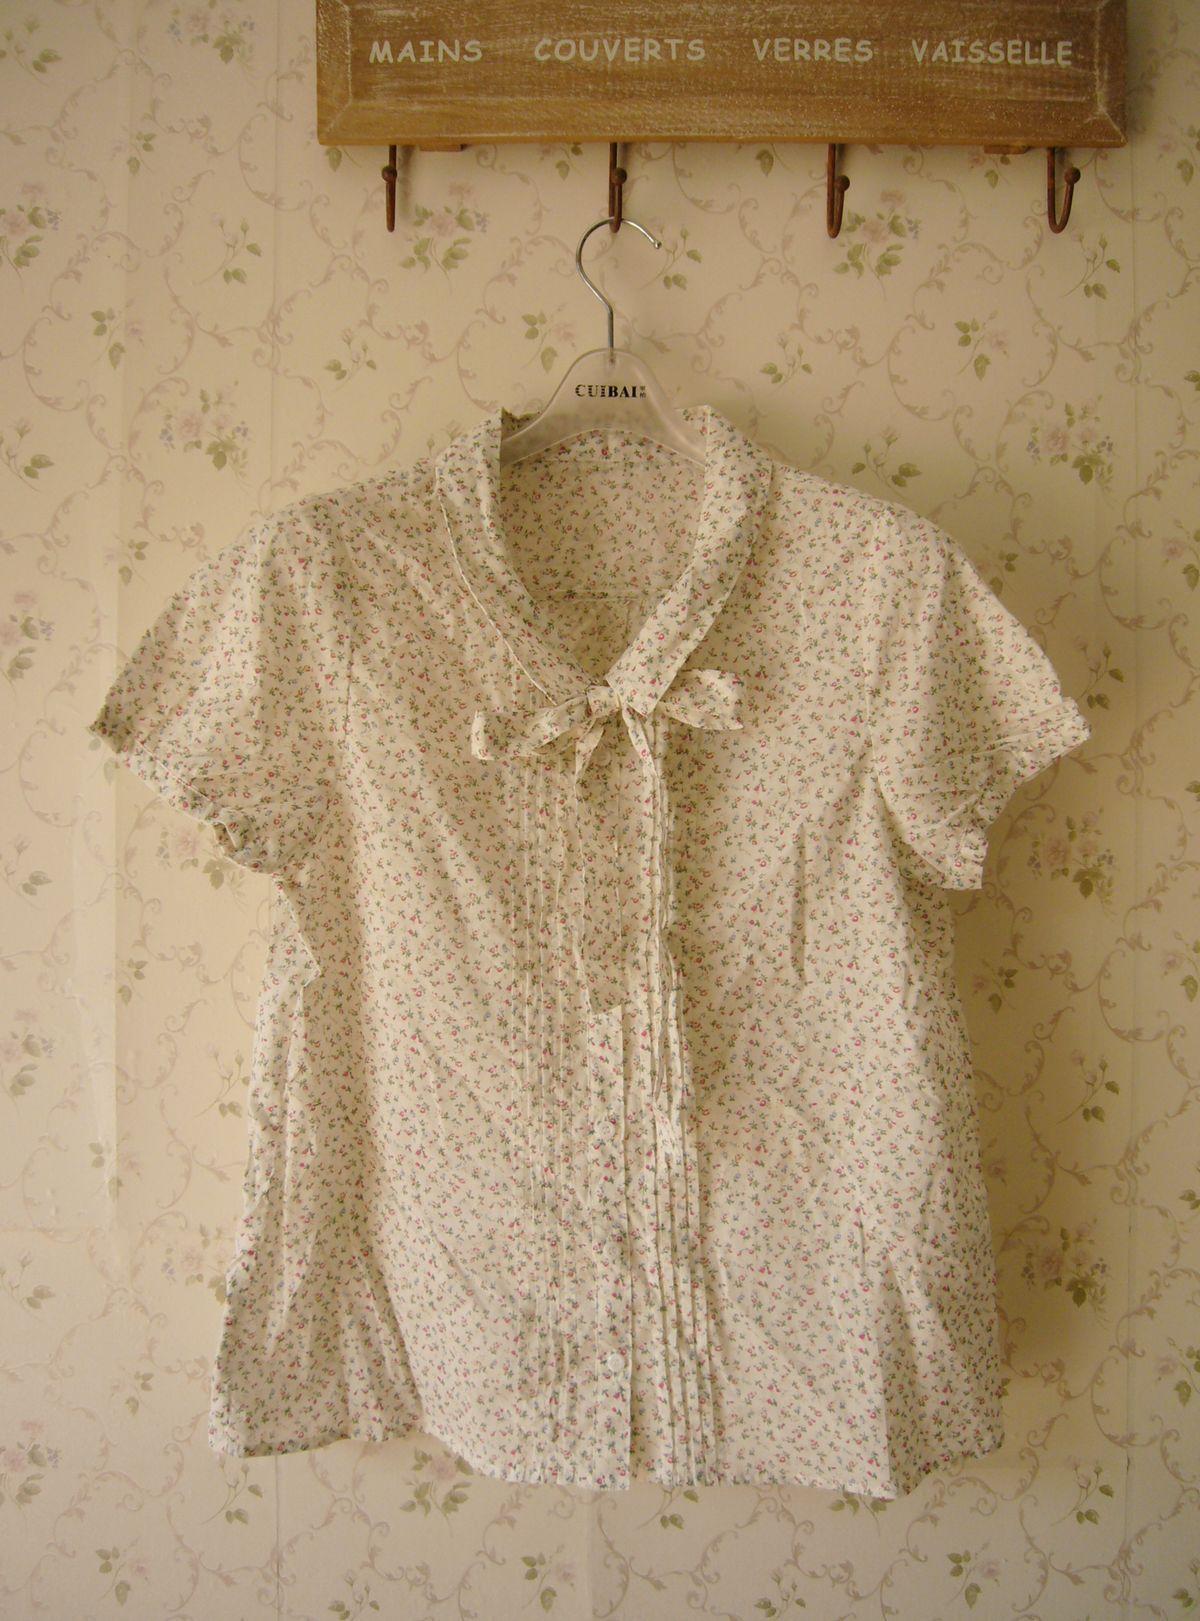 женская рубашка Цикл теперь оригинальный баночку воротник съемный ленты цветочные печати пузырь короткие многоцветные маленькие красные цветки. Милый Короткий рукав Рисунок в цветочек